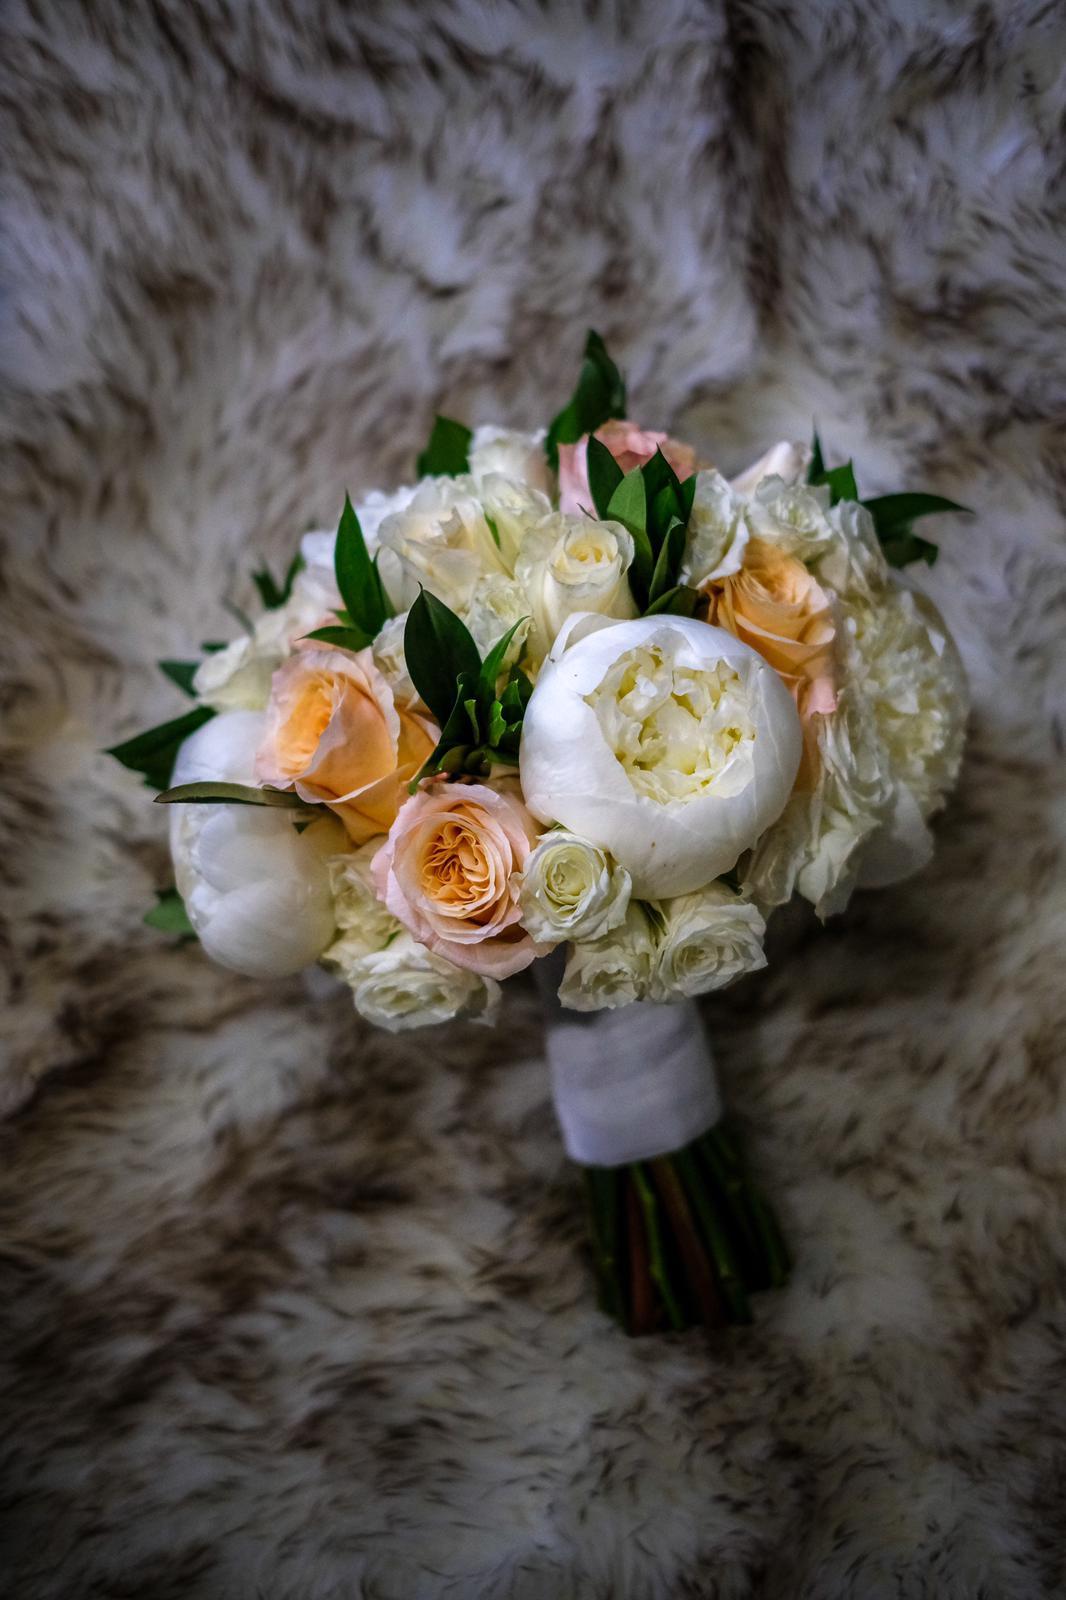 La decoración estuvo a cargo de Lorraine Flowers. (Foto: Emilio Leon Photography)